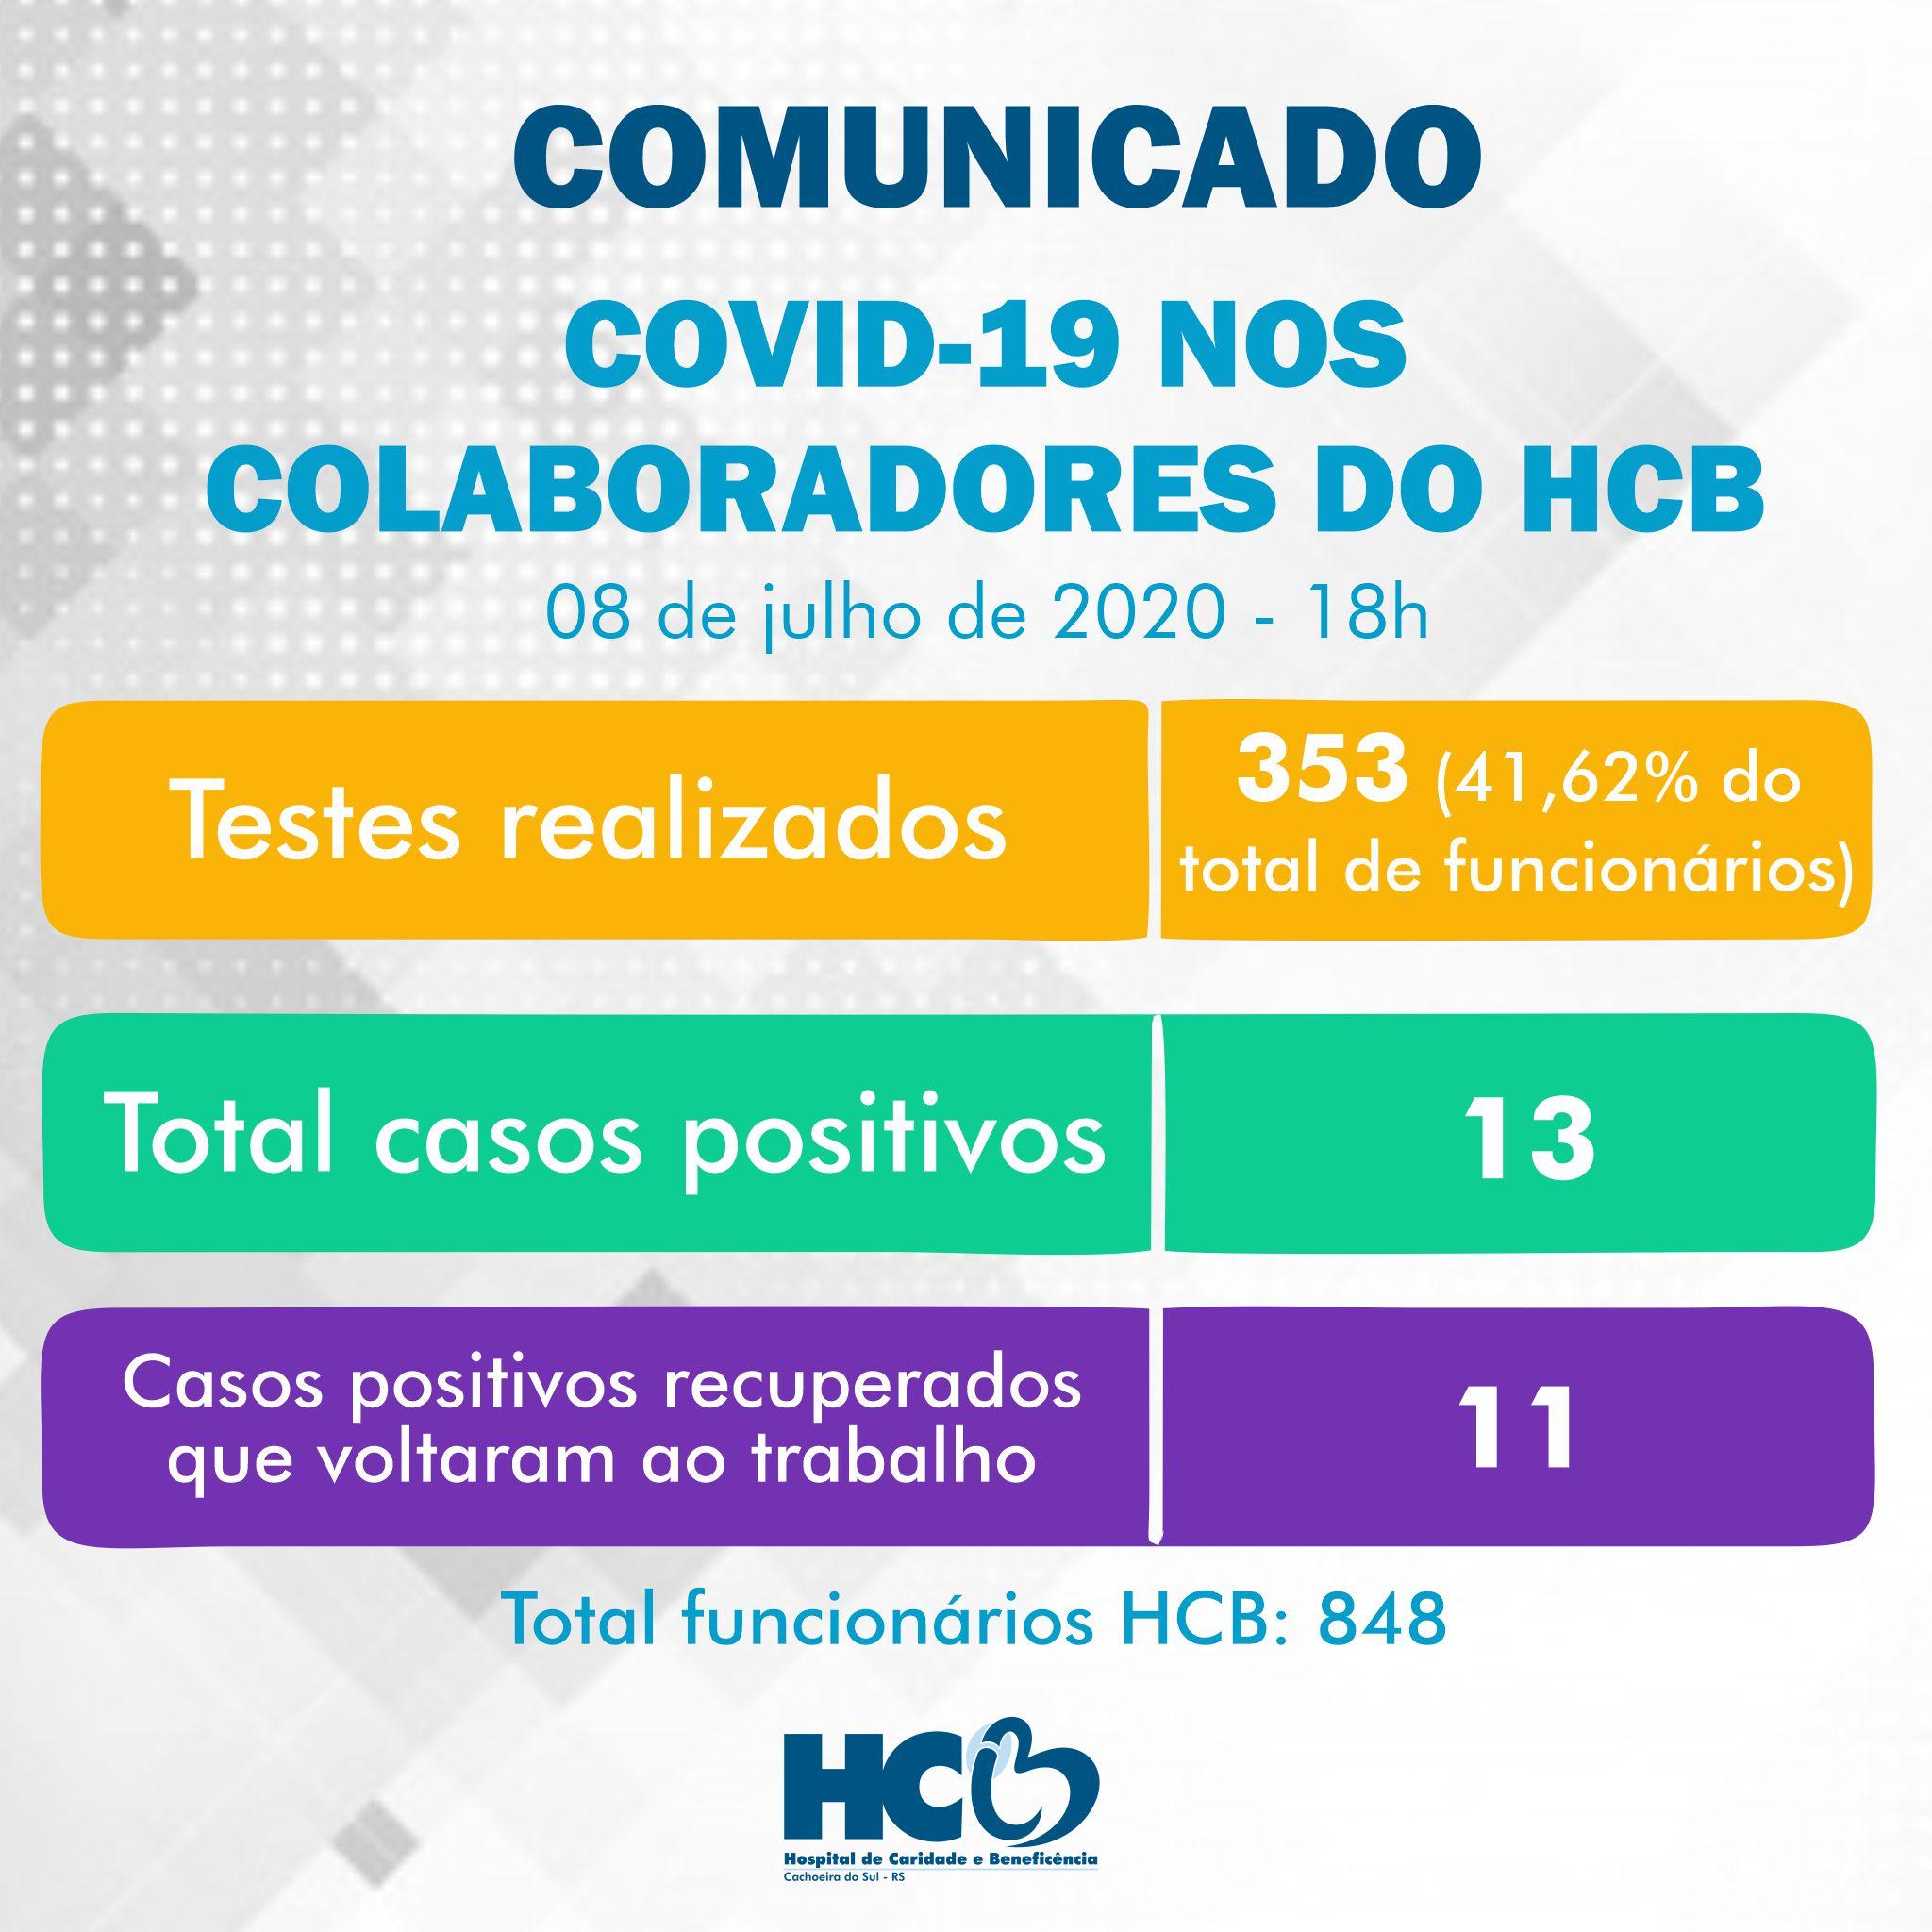 Comunicado - COVID-19 nos Colaboradores do HCB